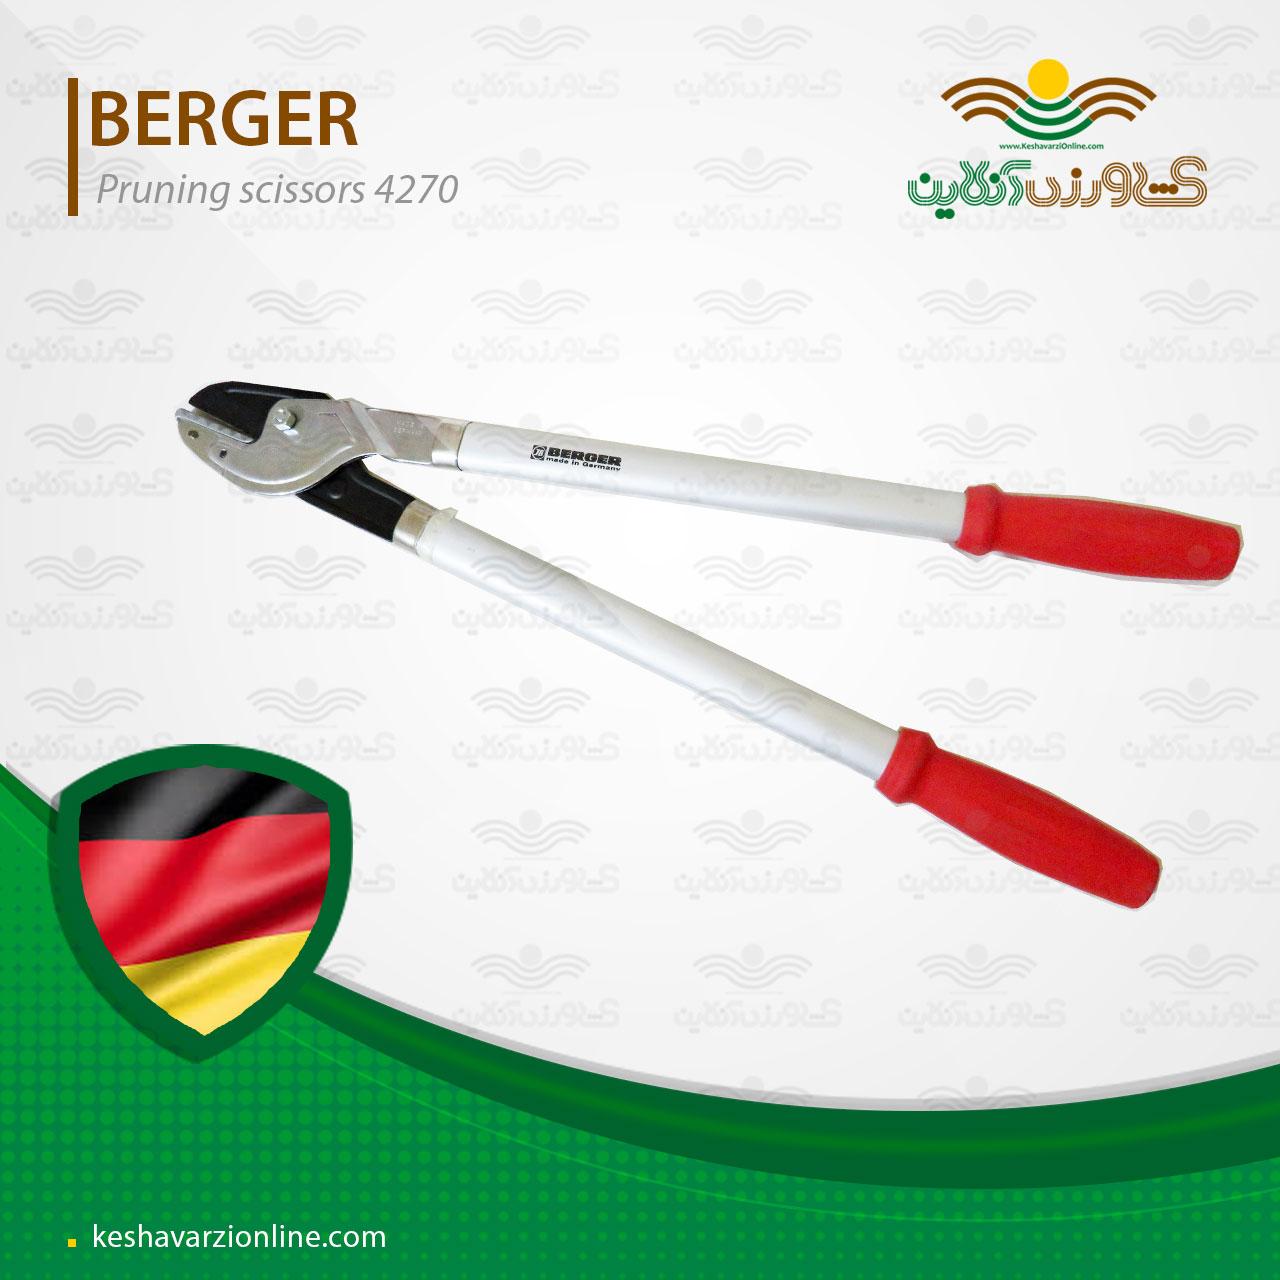 قیچی سر شاخه زنی برگر آلمان 4270